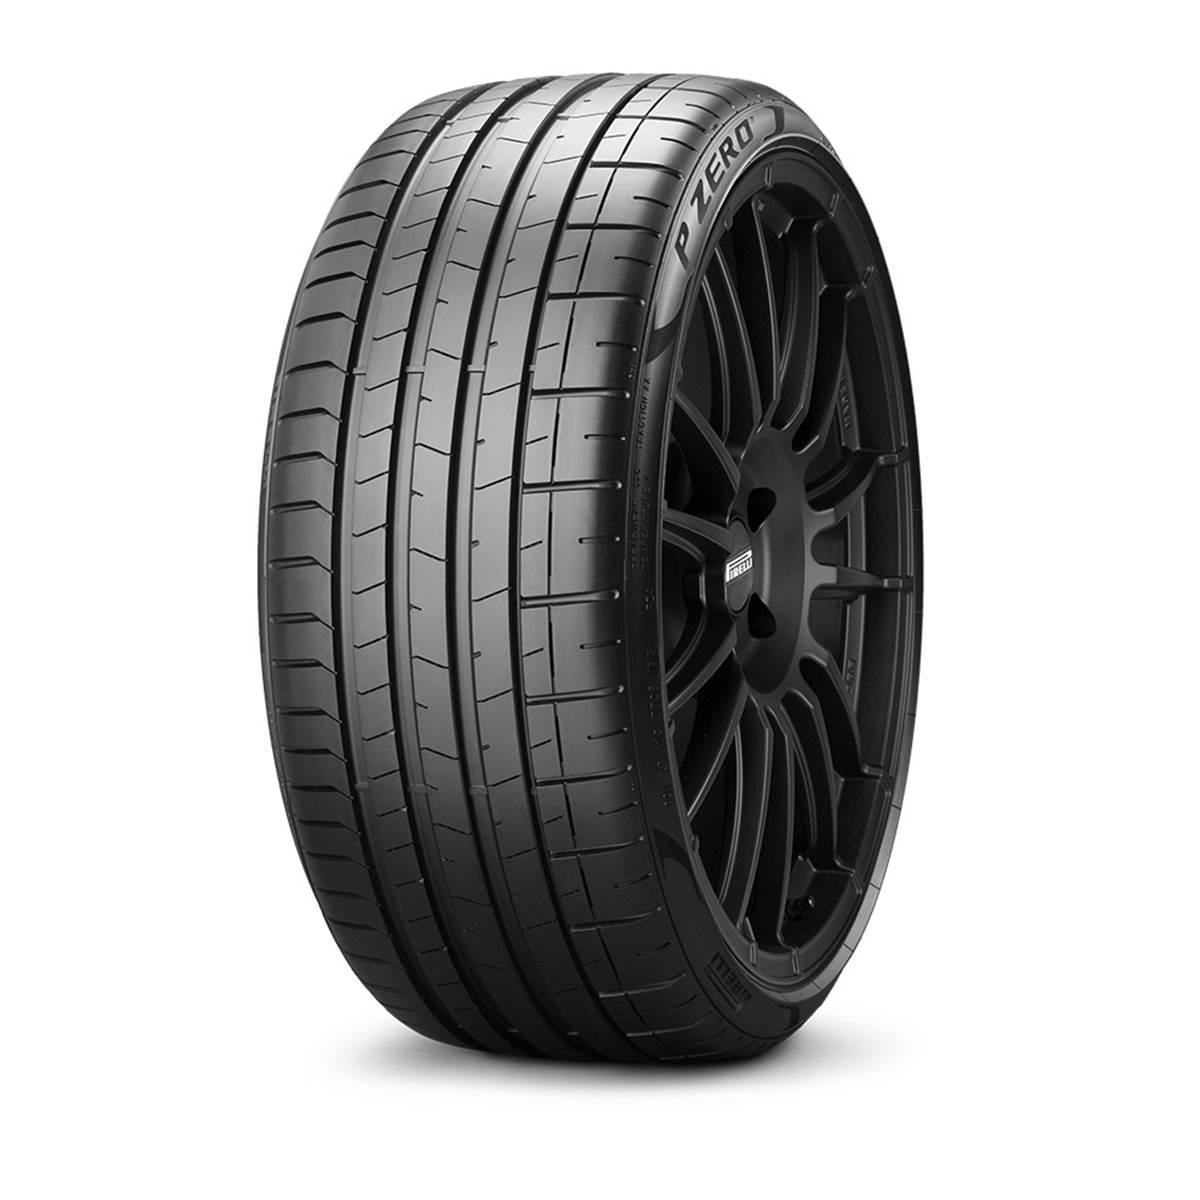 Pneu Pirelli 245/35R20 95Y Pzero XL